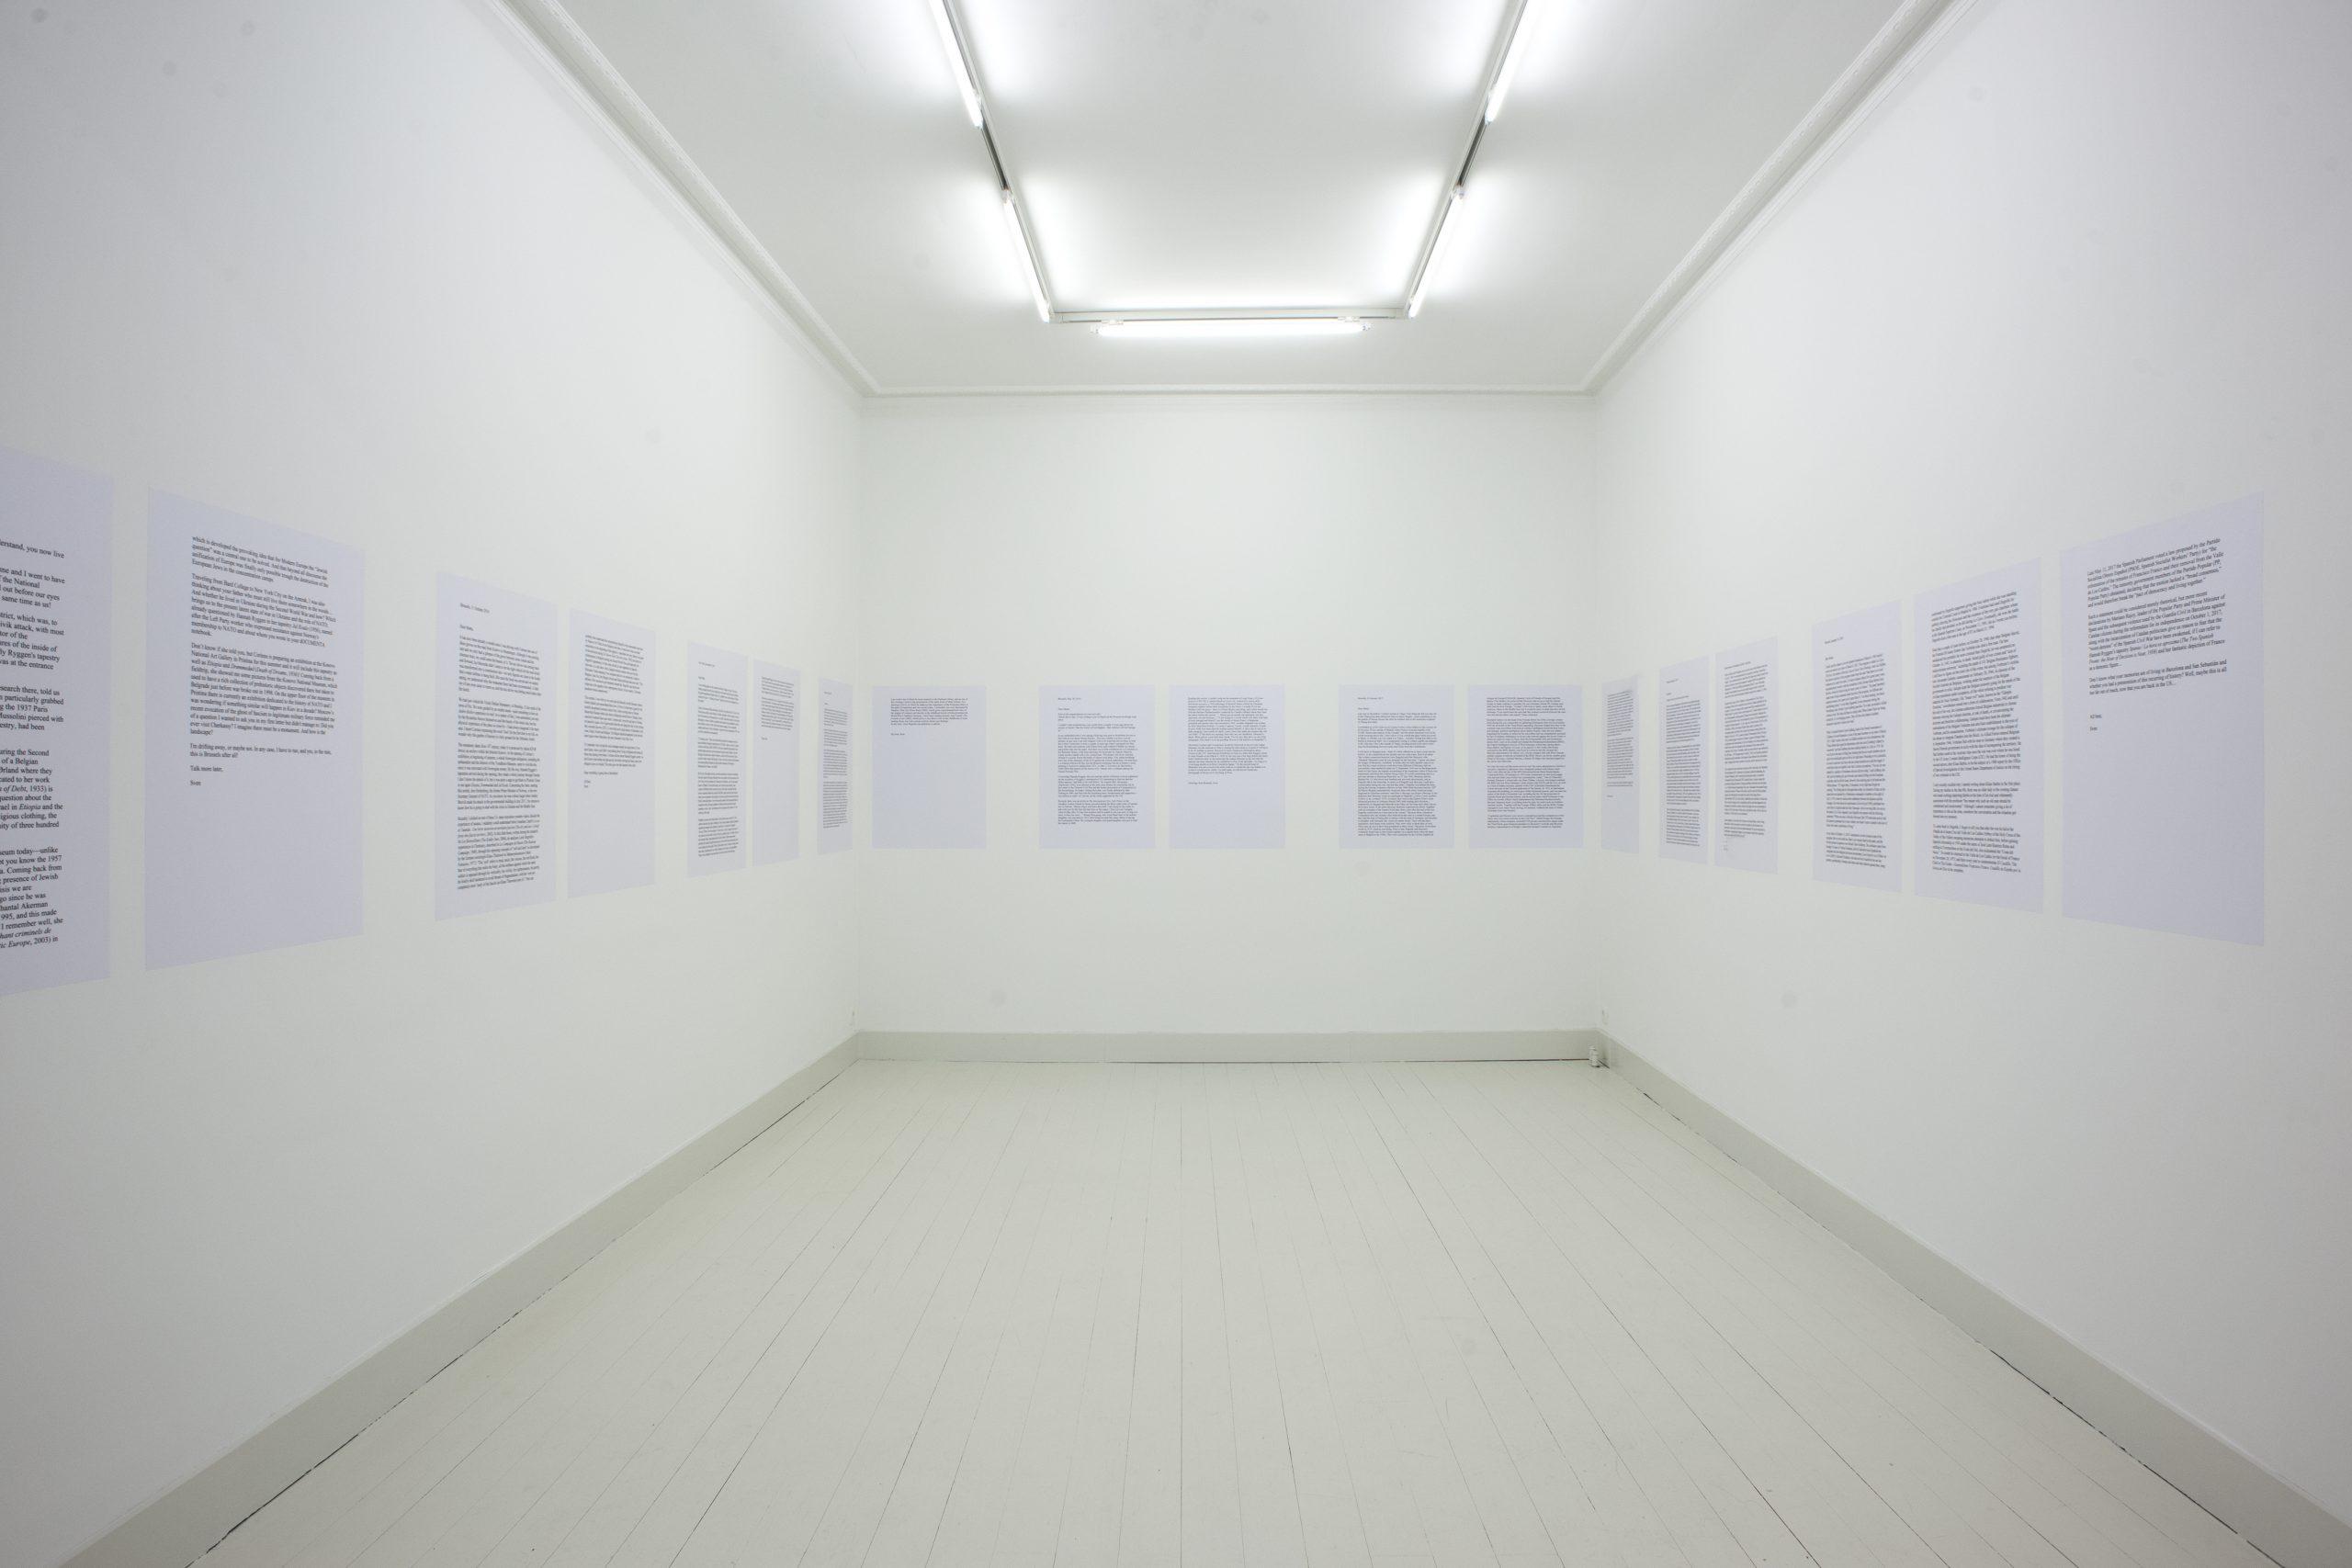 Sven Augustijnen - installation view at Jan Mot, 2018